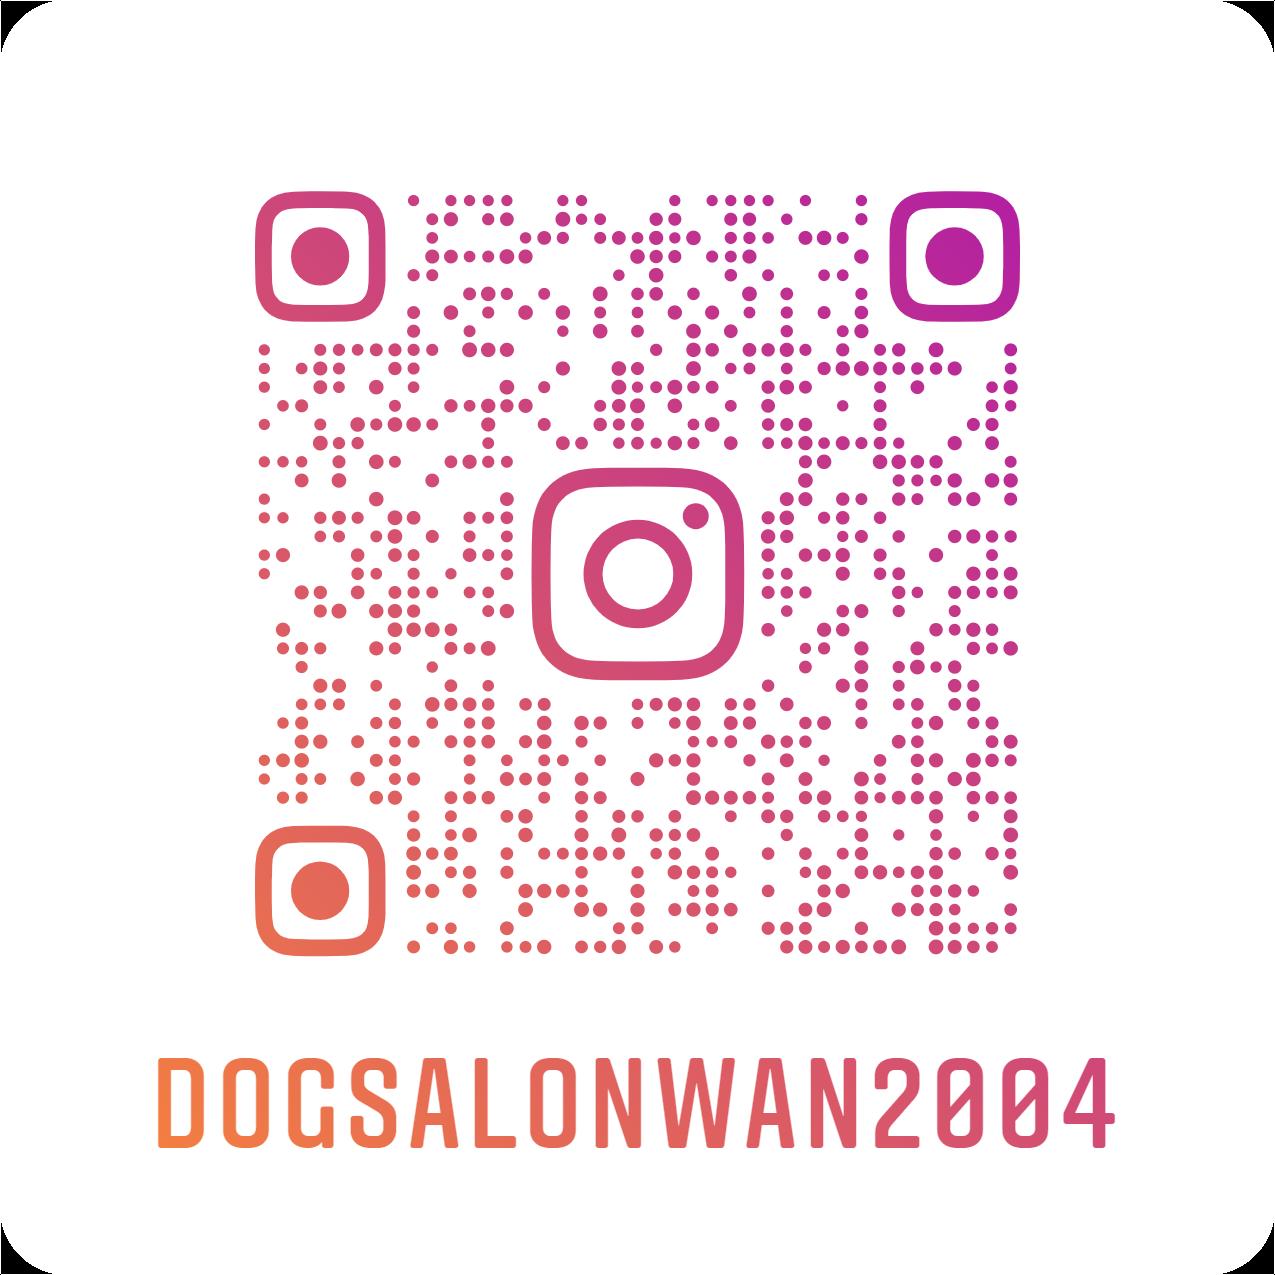 dogsalonwan2004_nametag_20210509151313f06.png